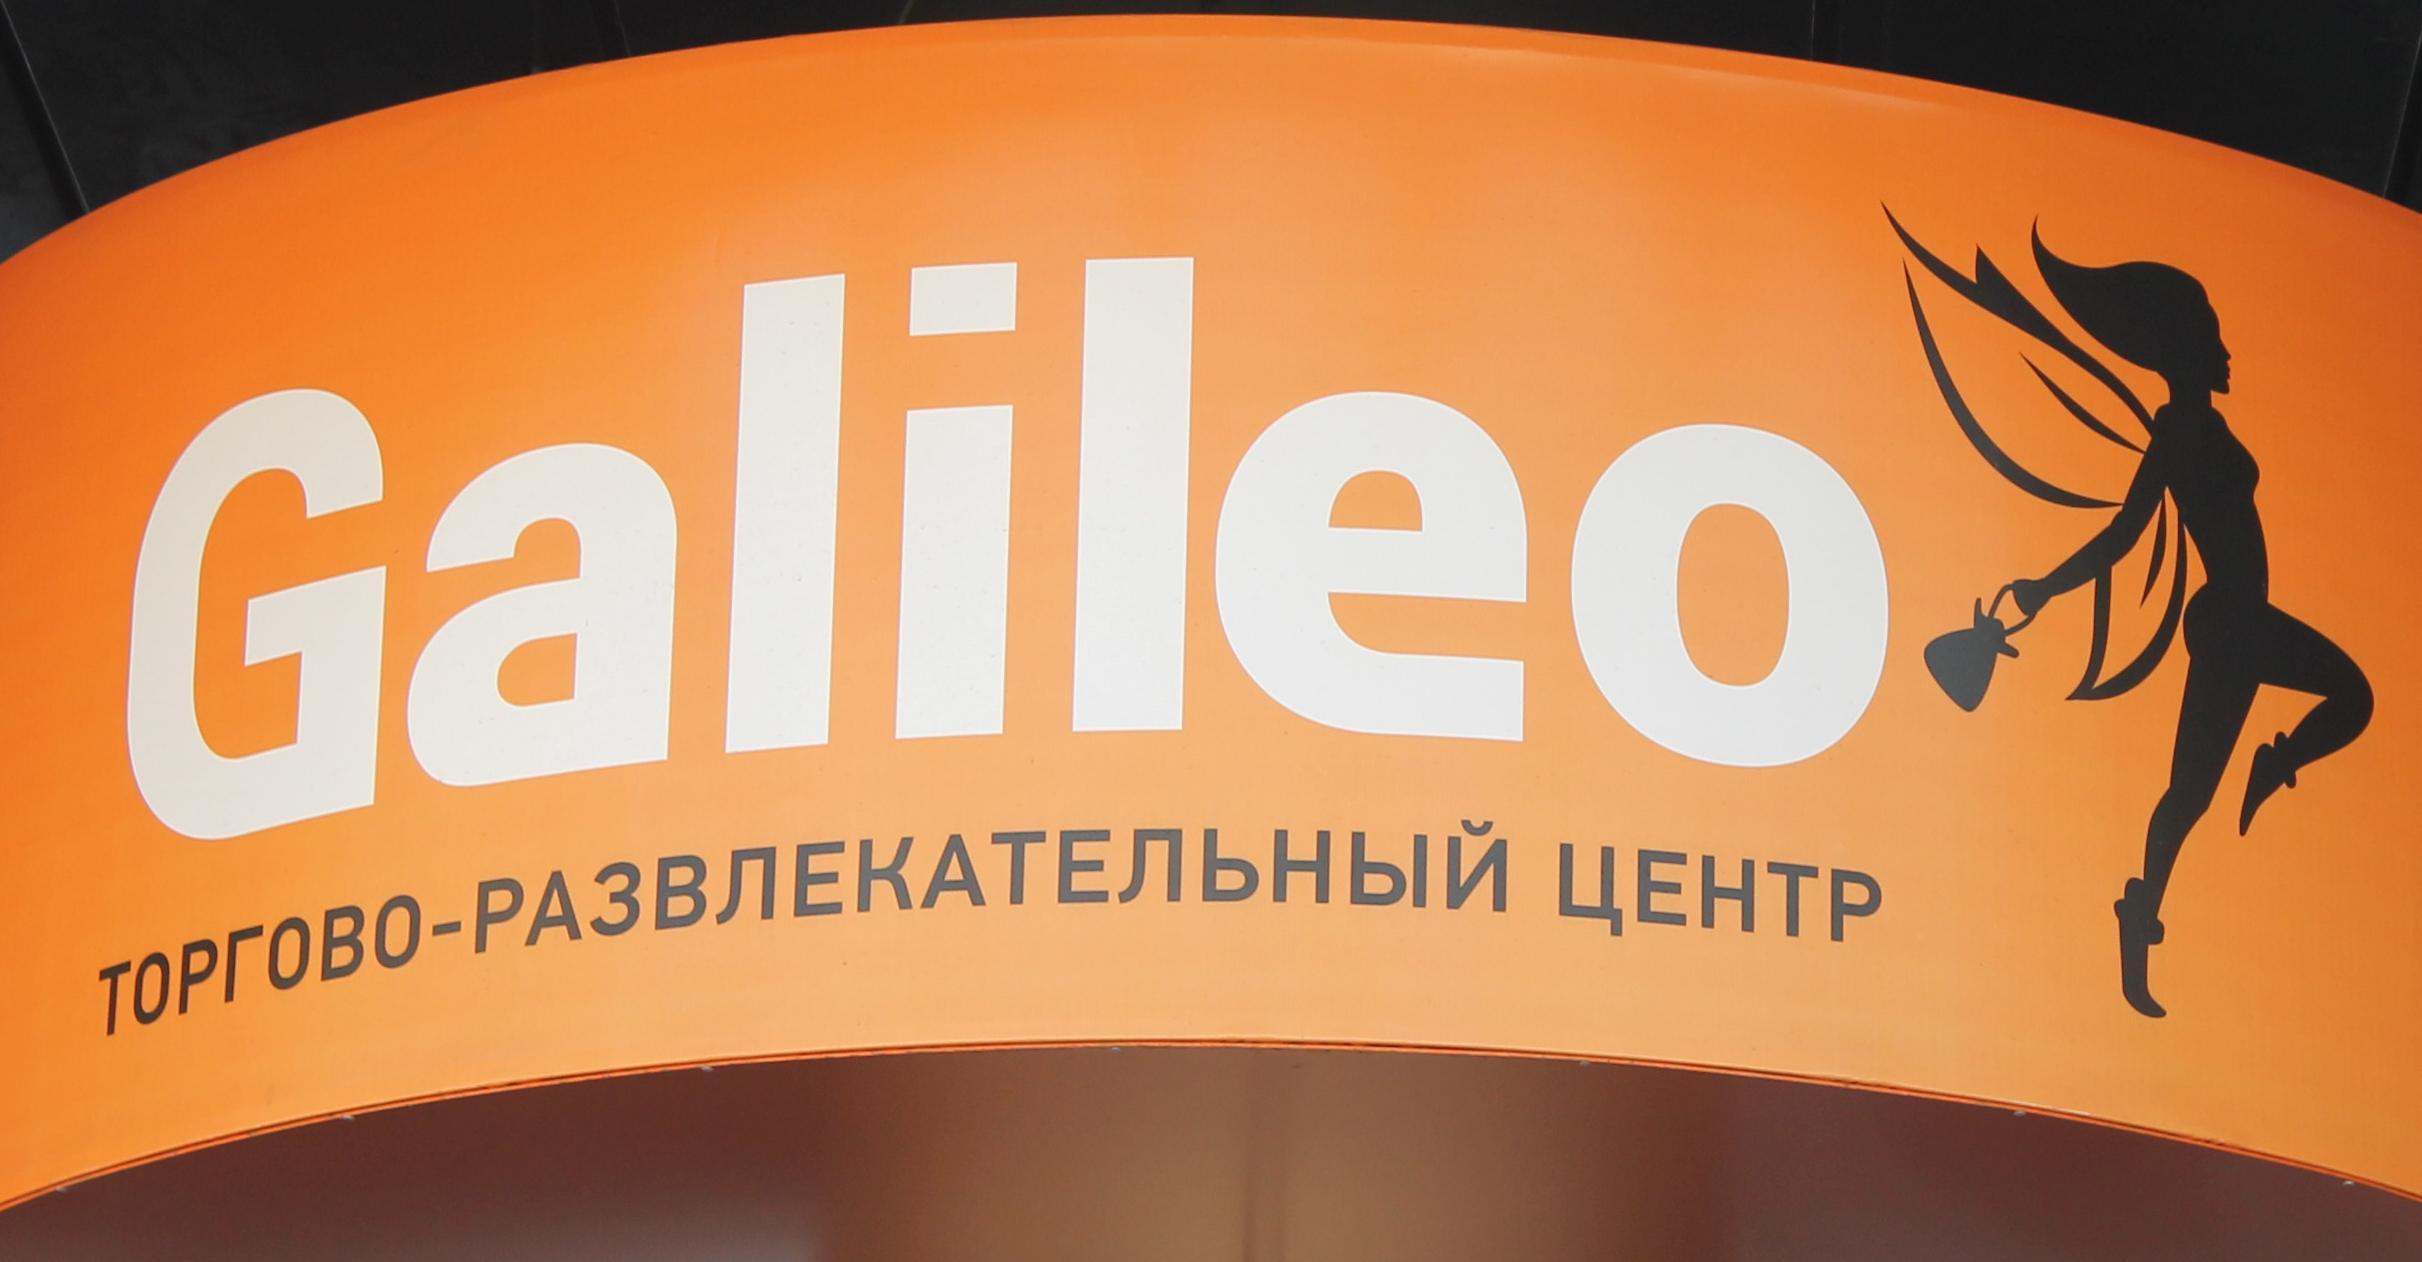 """Скидки в ТРЦ """"Galileo"""" до 80%! Что и где покупать?"""